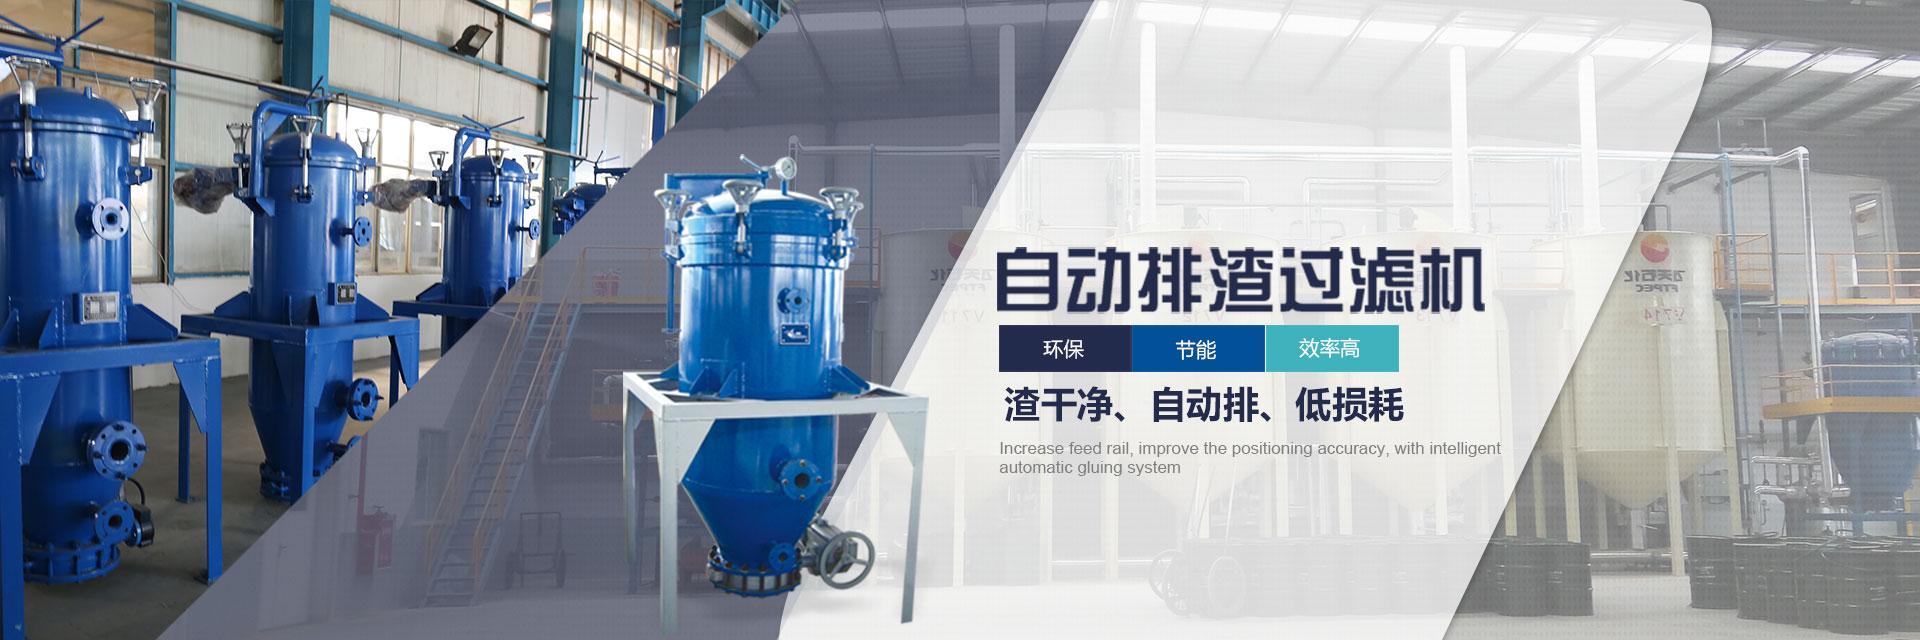 中国精细筛分行业 影响力品牌